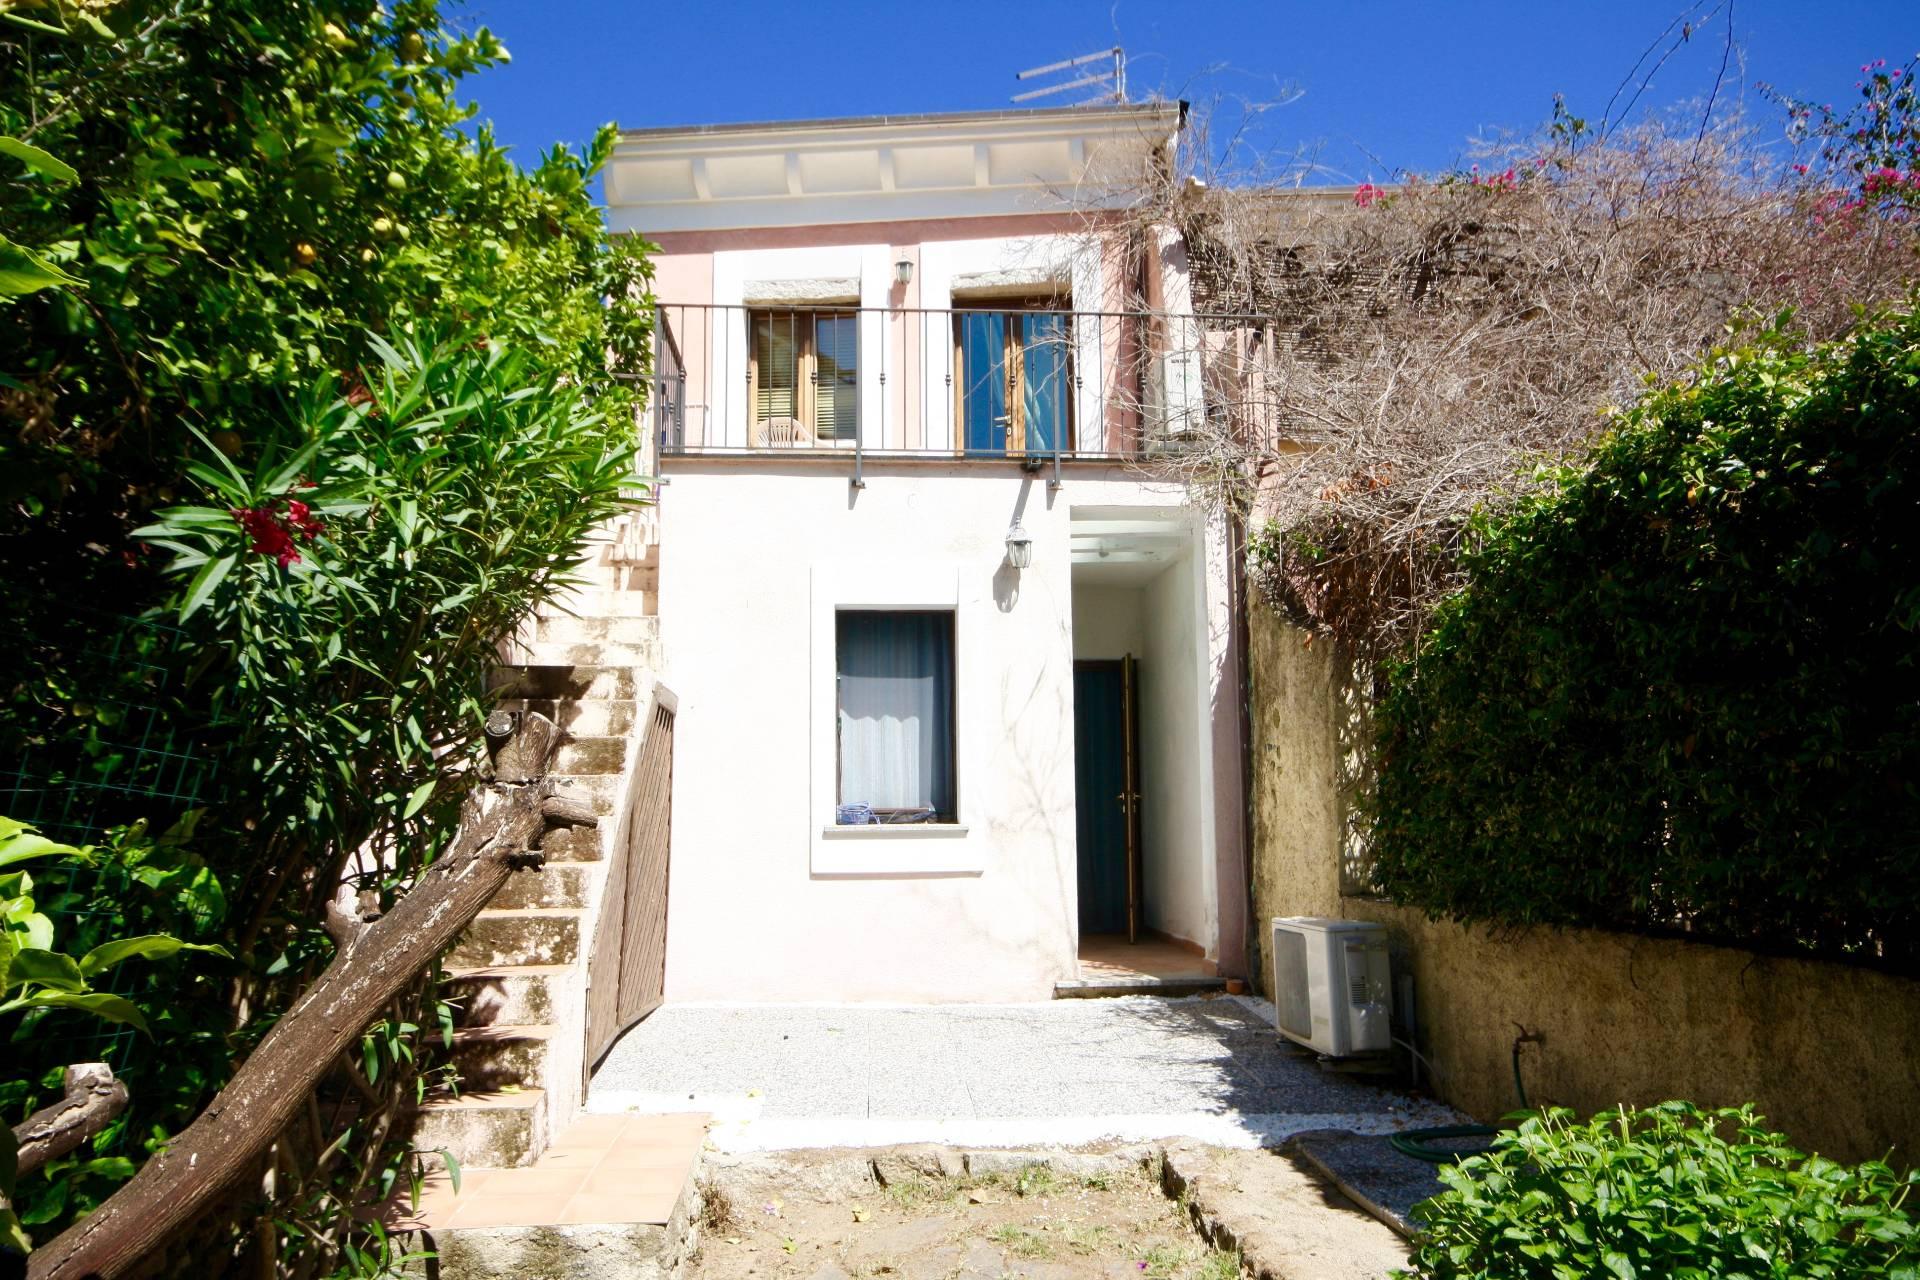 cbi040 ed00012ed casa vacanze in affitto a olbia